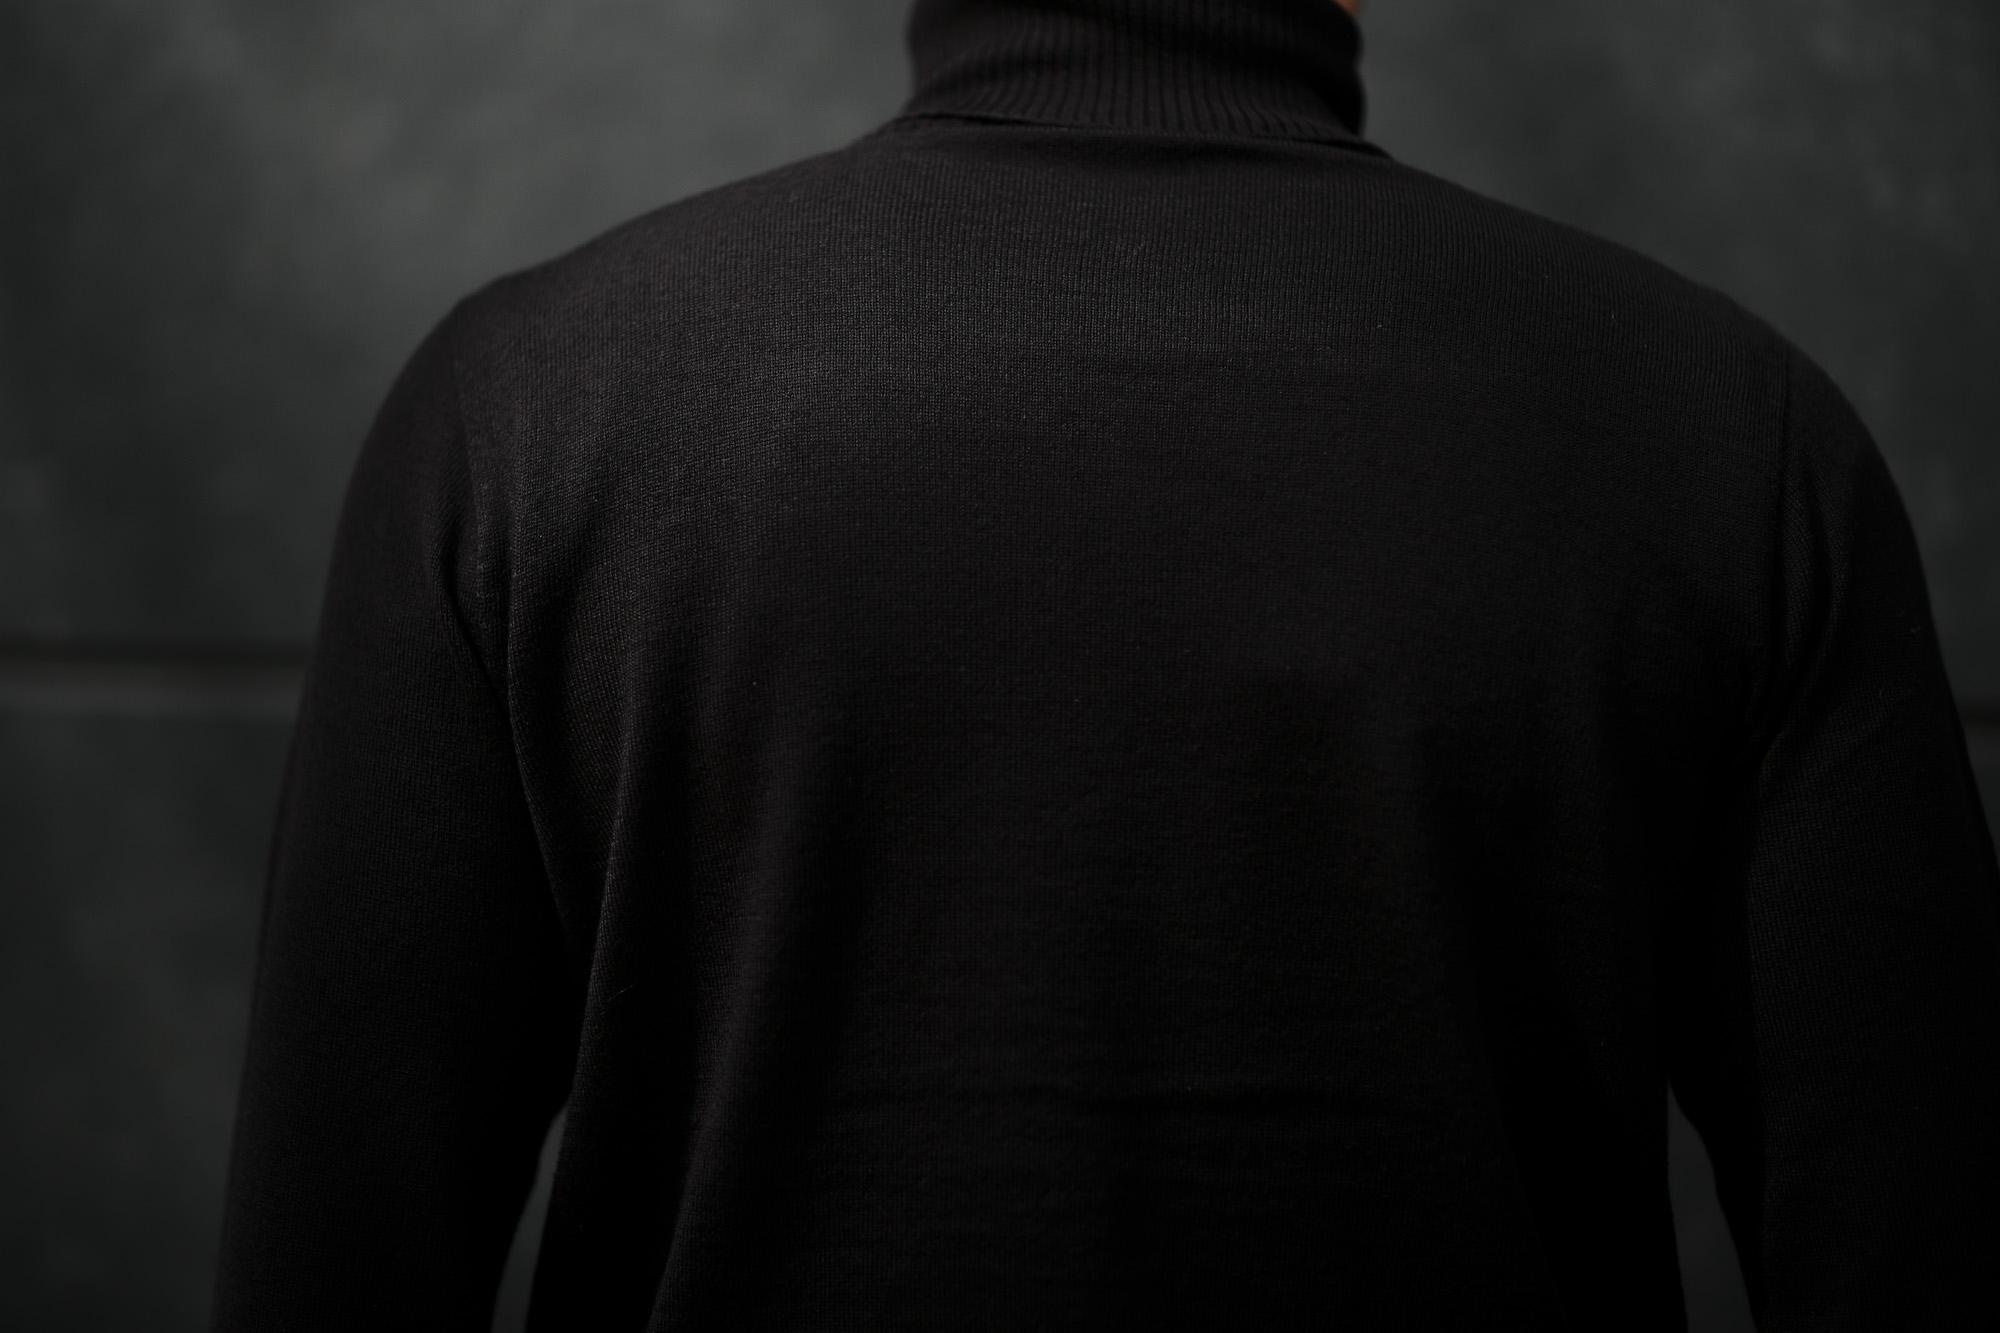 Cuervo (クエルボ) Sartoria Collection (サルトリア コレクション) John(ジョン) Turtle Neck Sweater (タートルネックセーター) ウールニット セーター NAVY (ネイビー) MADE IN JAPAN (日本製) 2019 秋冬 【ご予約受付開始】愛知 名古屋 altoediritto アルトエデリット